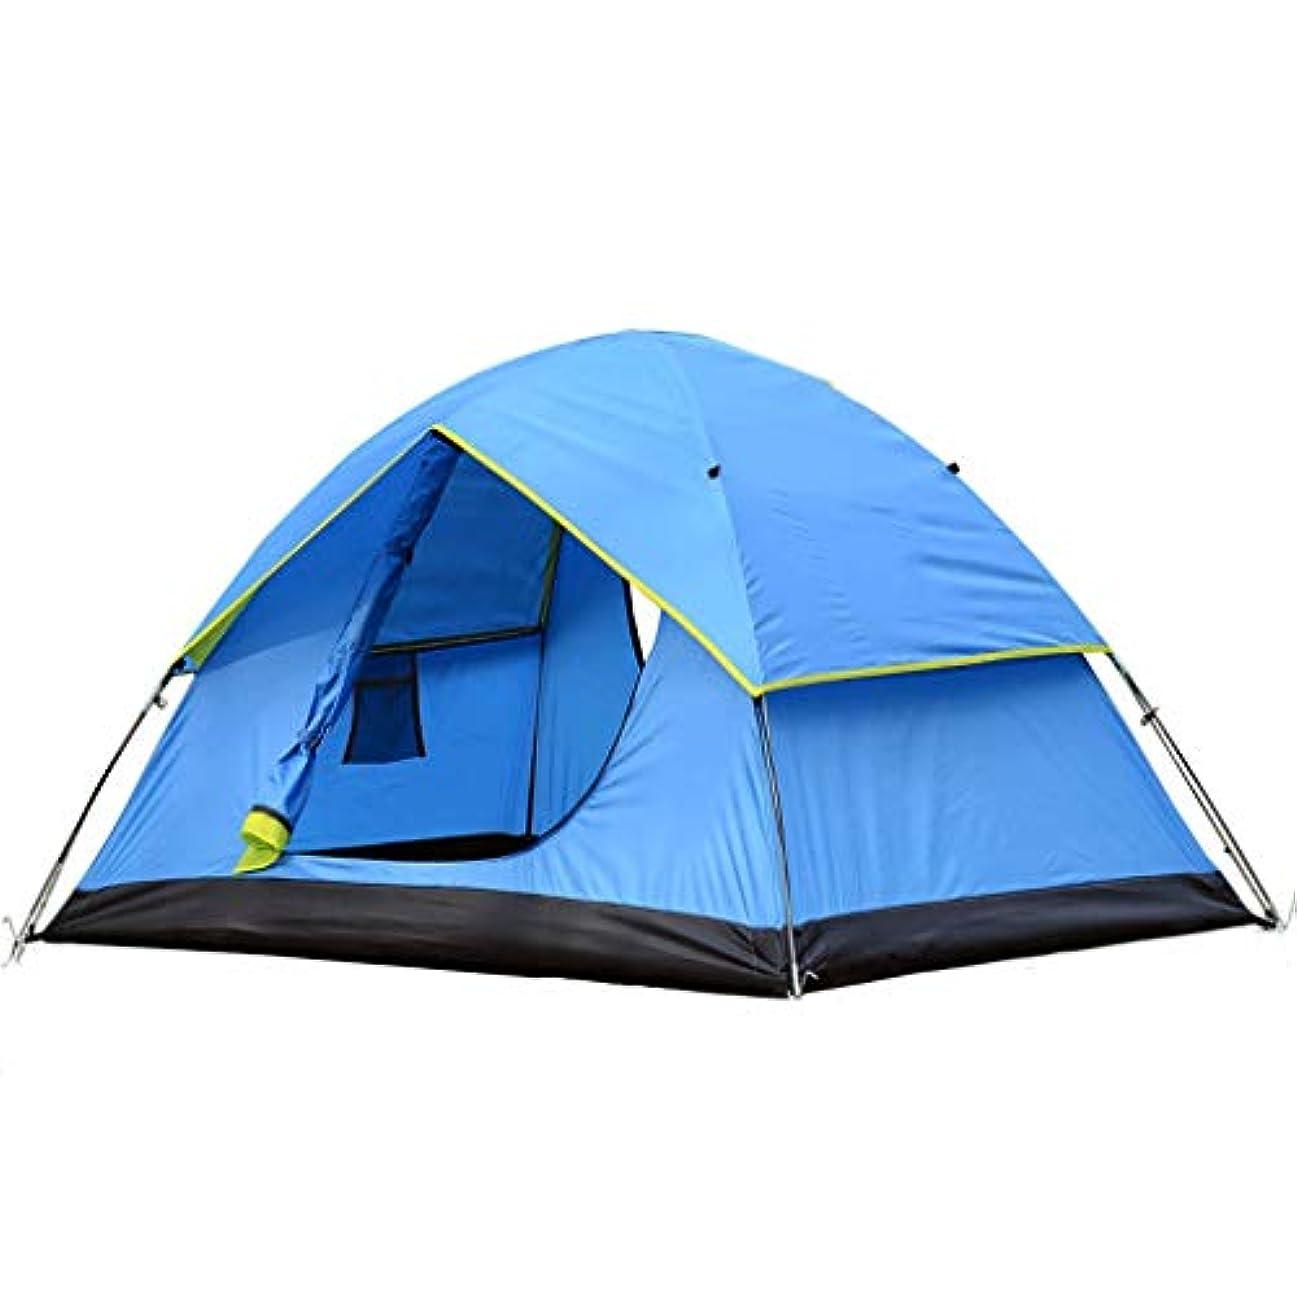 皮詳細なメンタリティYONGFEIhun テント、二重屋外テント、キャンプテント、二重防風と防雨、ビーチテント、190Tポリエステル布防雨、防雨インデックス:1500mm